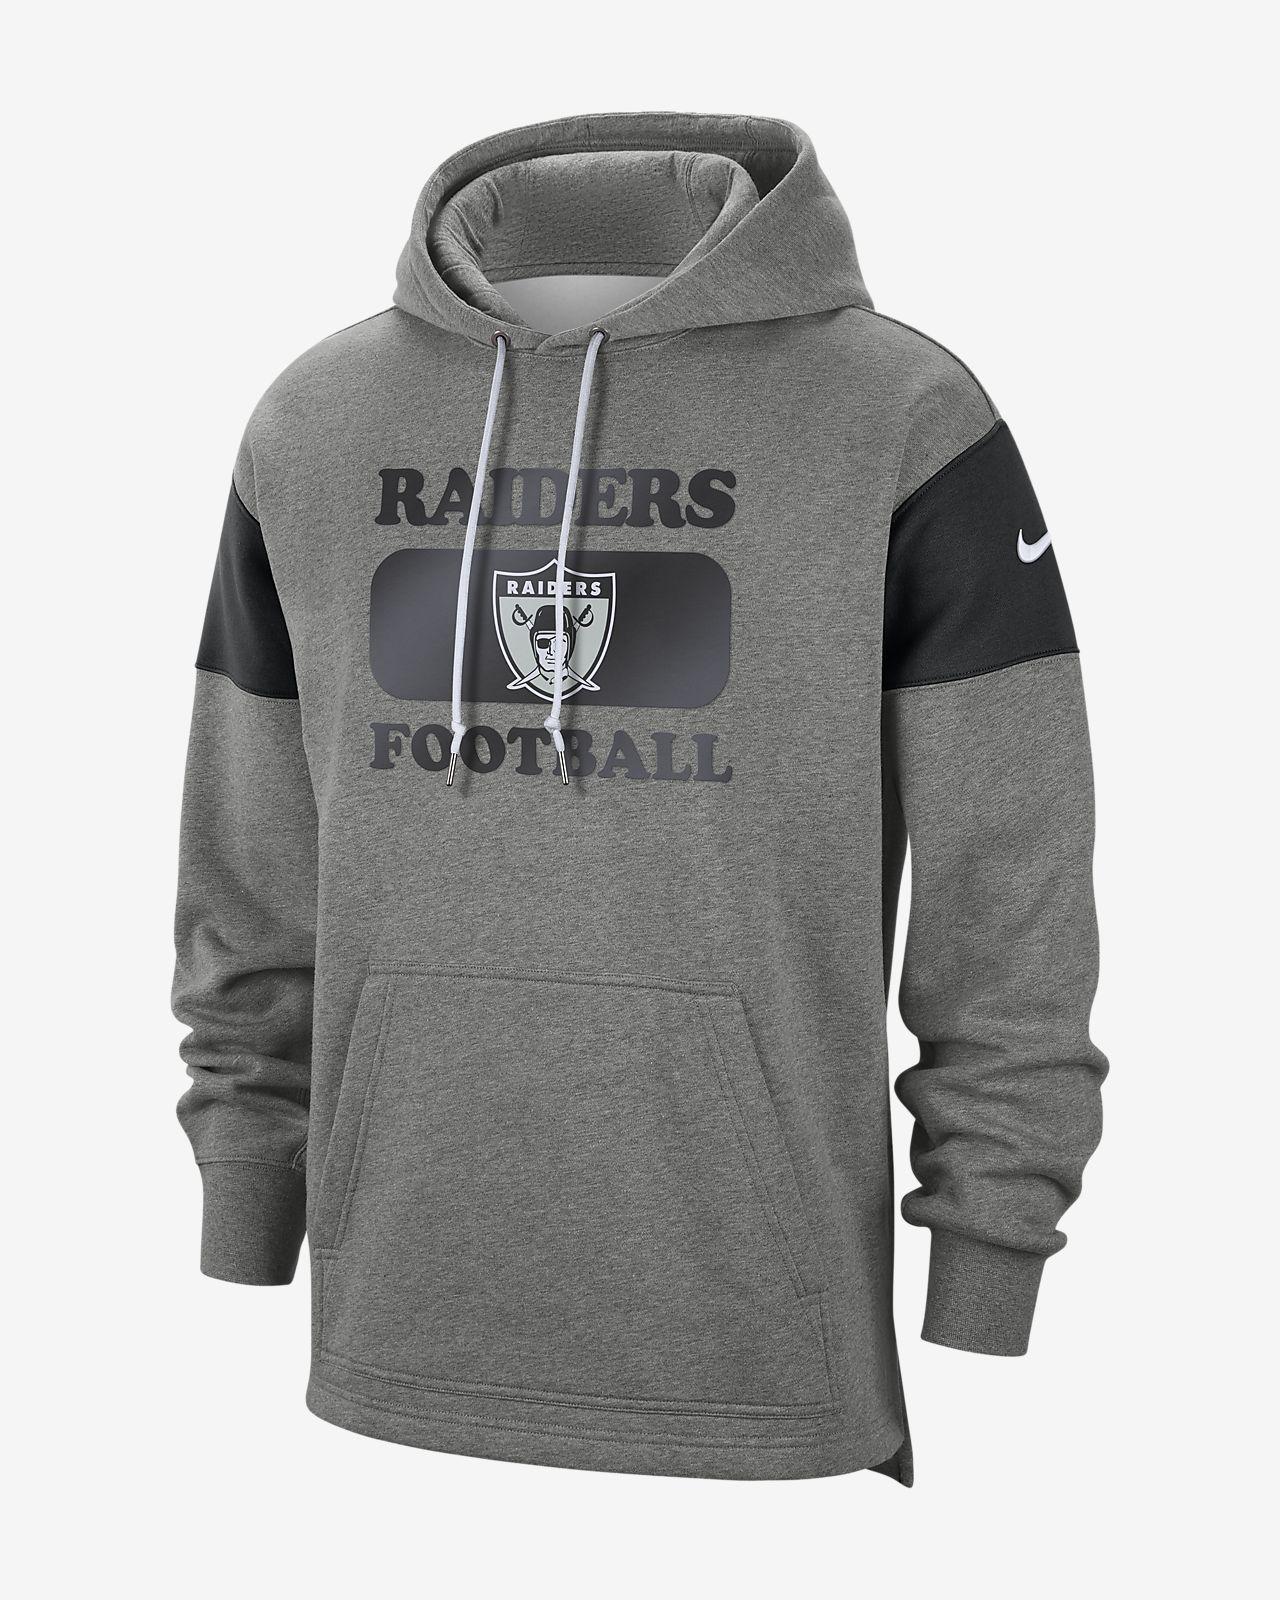 Nike (NFL Raiders) Men's Hoodie